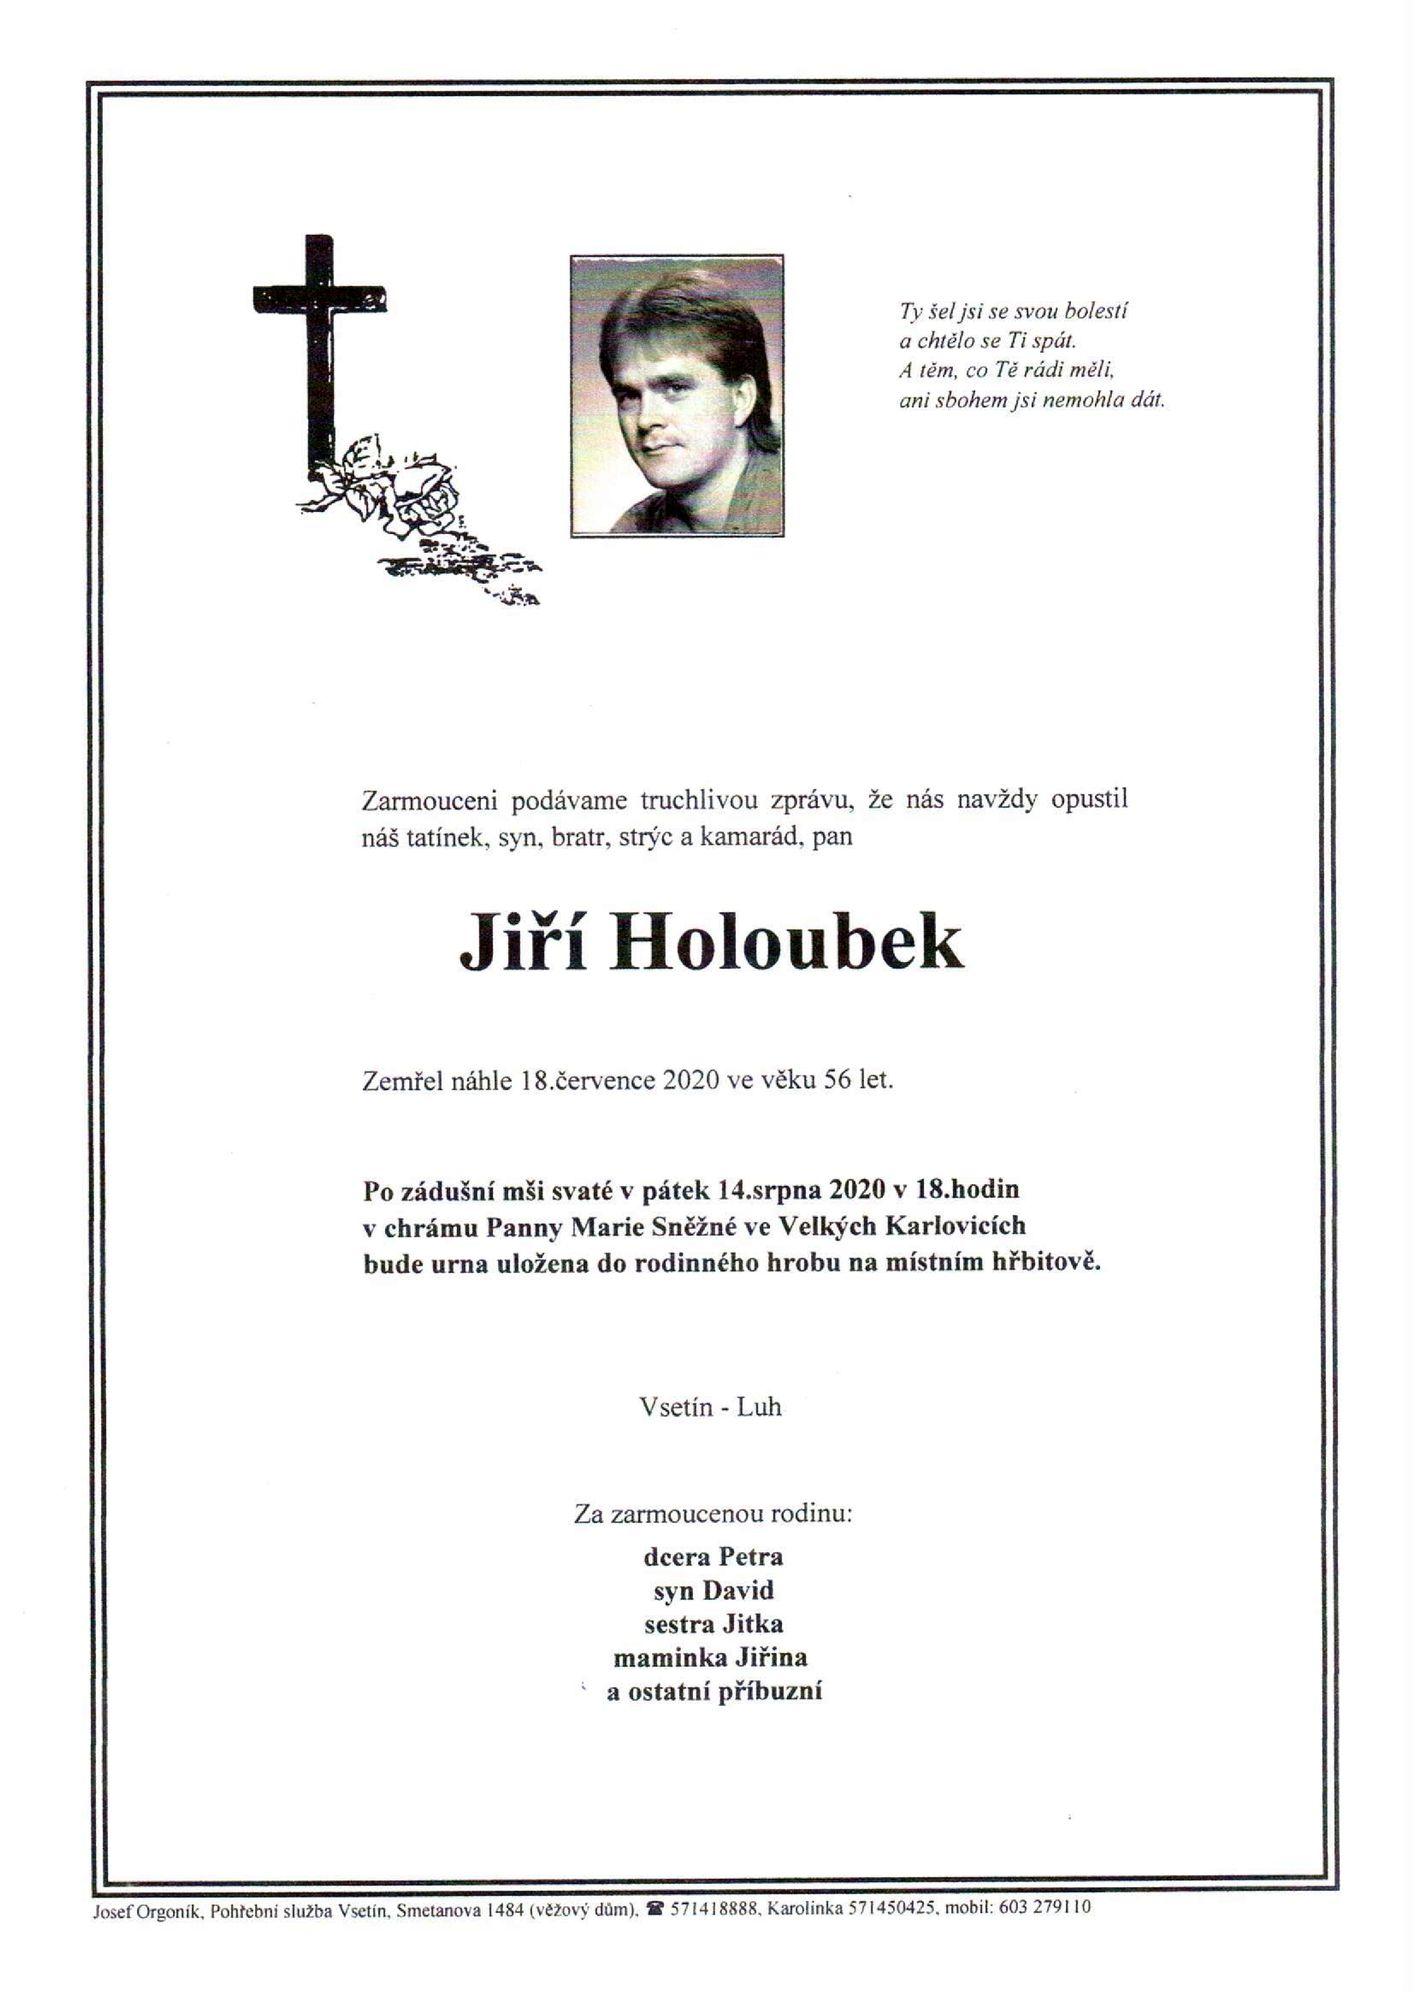 Jiří Holoubek